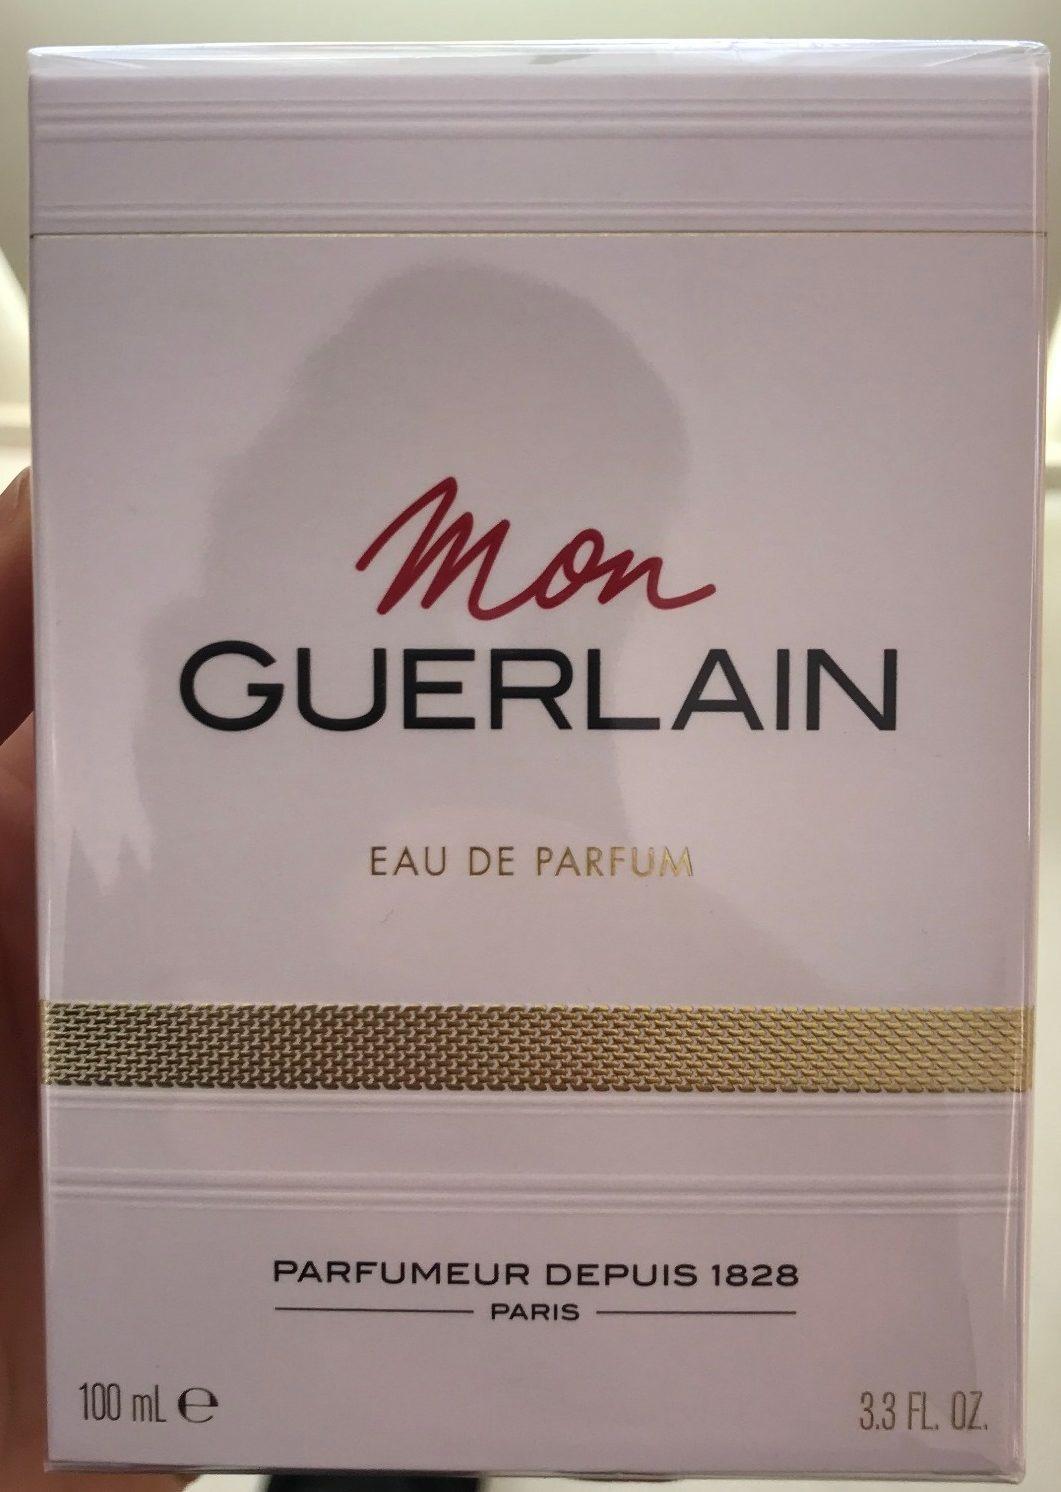 Mon Guerlain Eau de Parfum - Product - fr